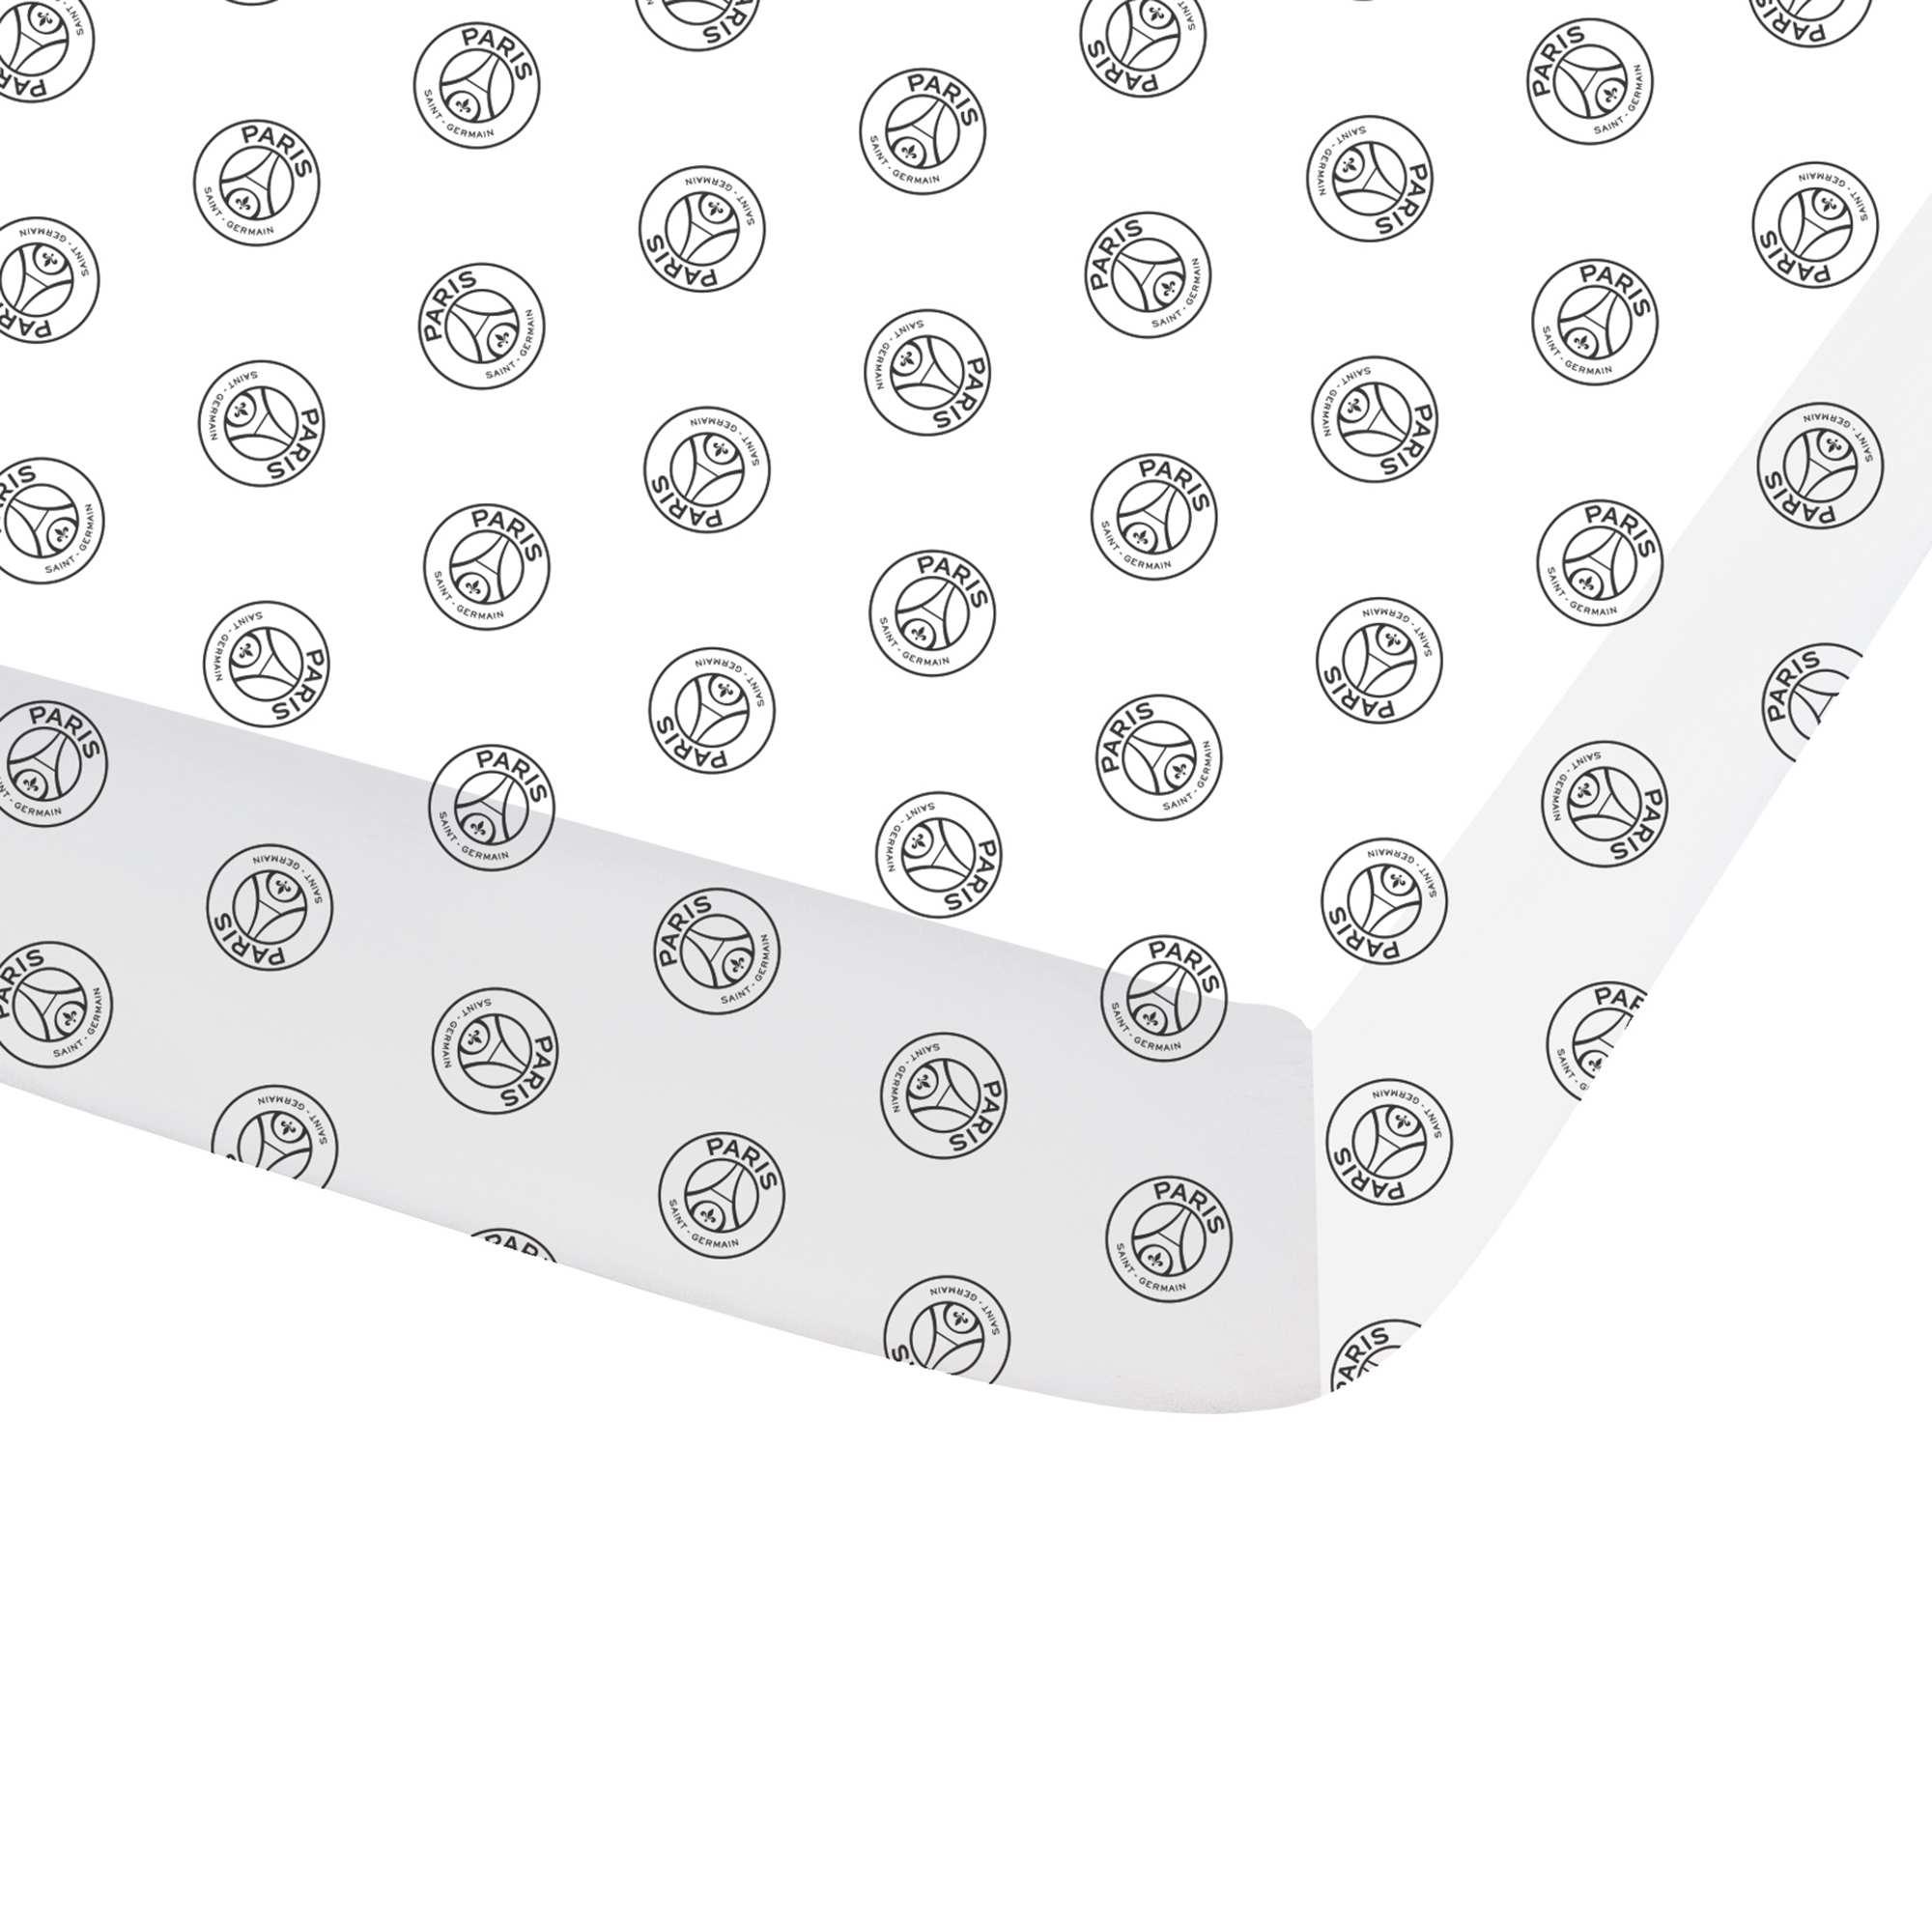 Couleur : blanc, , ,, - Taille : 90x190, , ,,On habille son lit aux couleurs du 'PSG'. - Drap-housse en pur coton 57 fils 'Paris